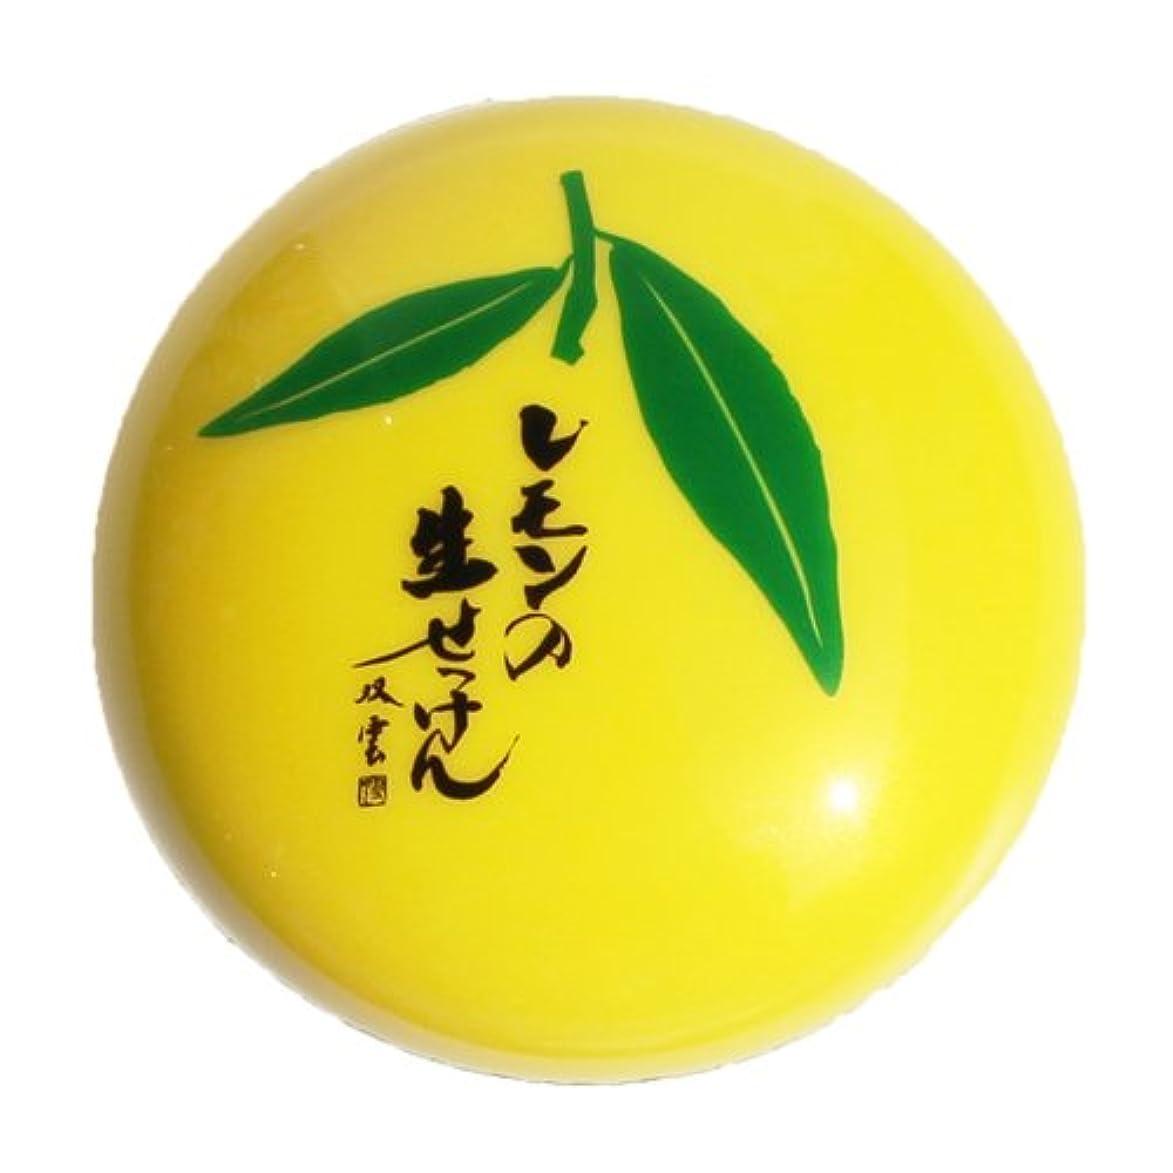 マイルストーン専制隠美香柑 レモンの生せっけん 50g